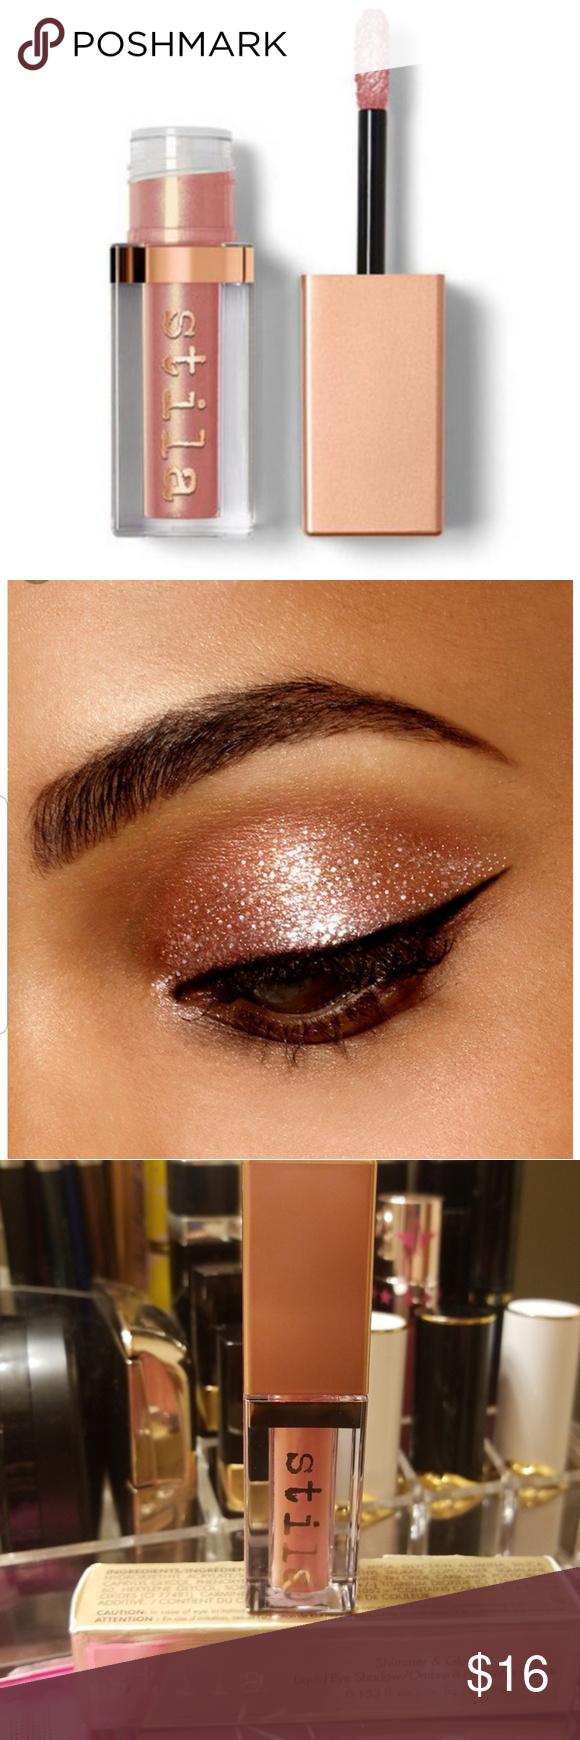 BNIB💝 Stila Shimmer and Glow Liquid Eyeshadow SHADE